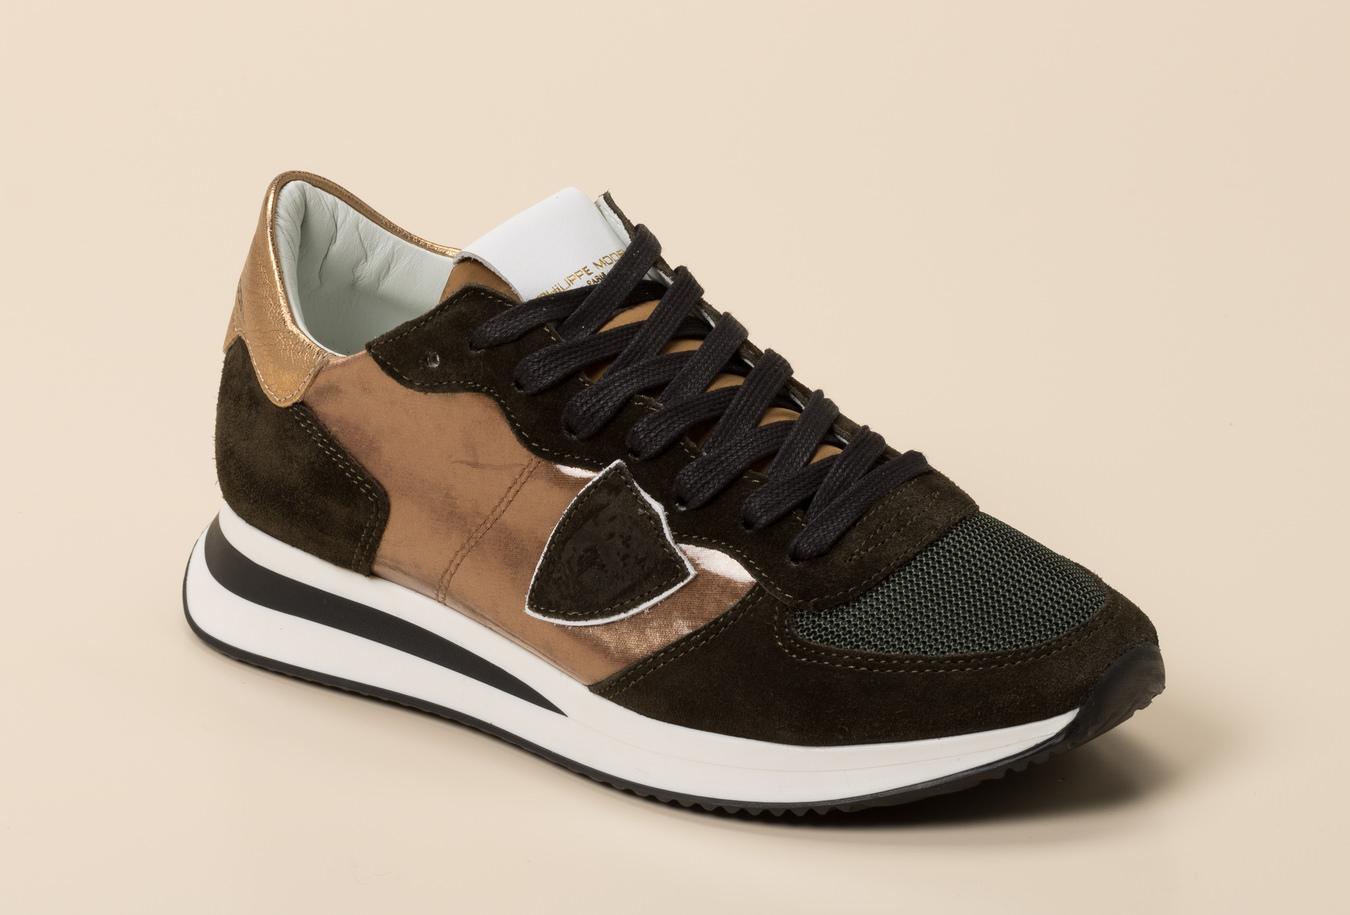 Philippe Model Paris Damen Sneaker in grün kaufen   Zumnorde Online Shop